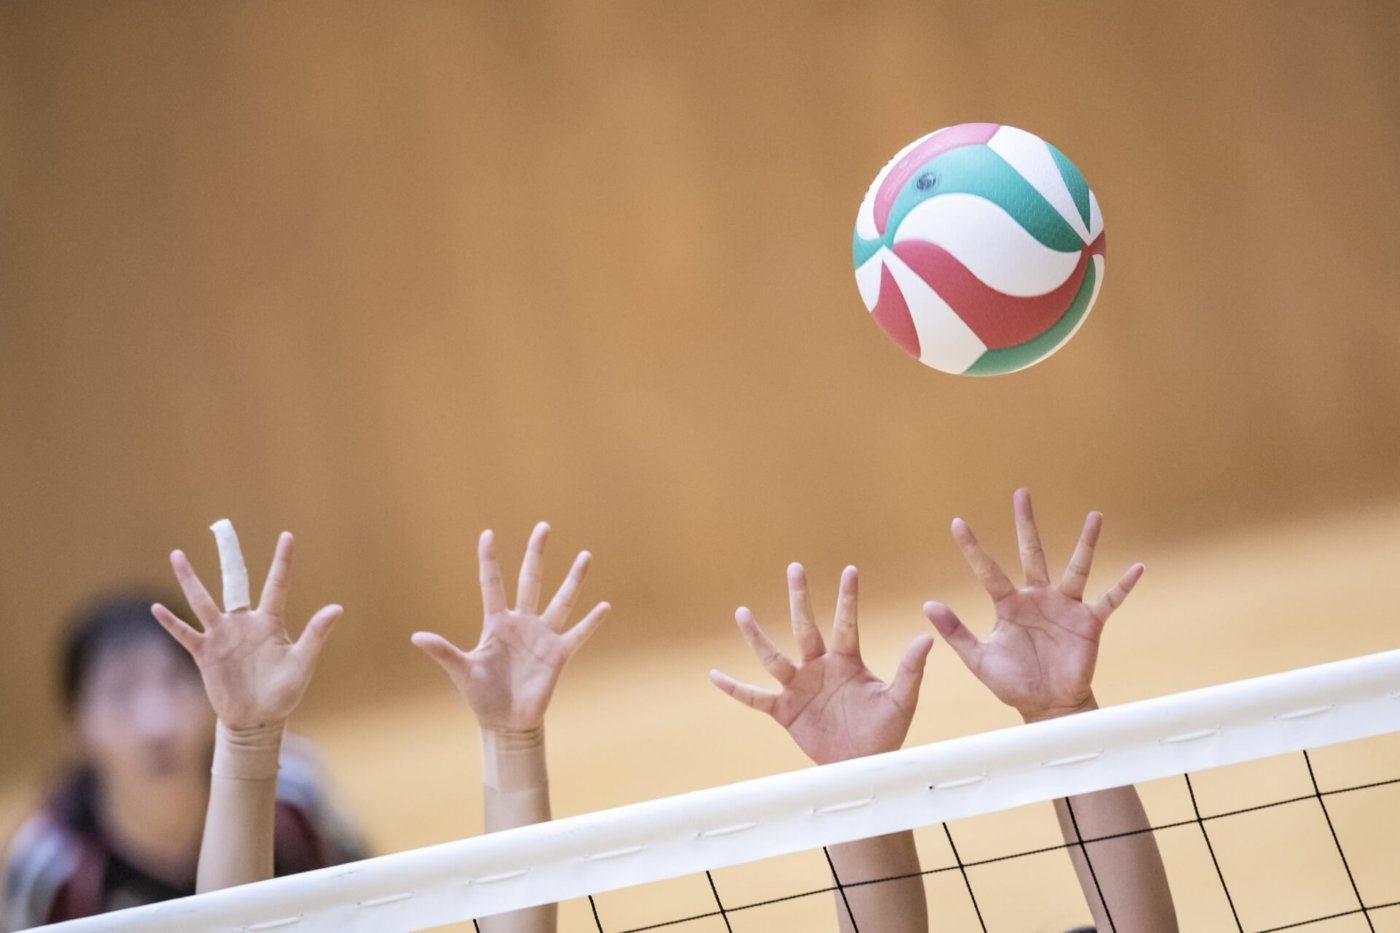 バレーボールのルール:オーバーネットって何?